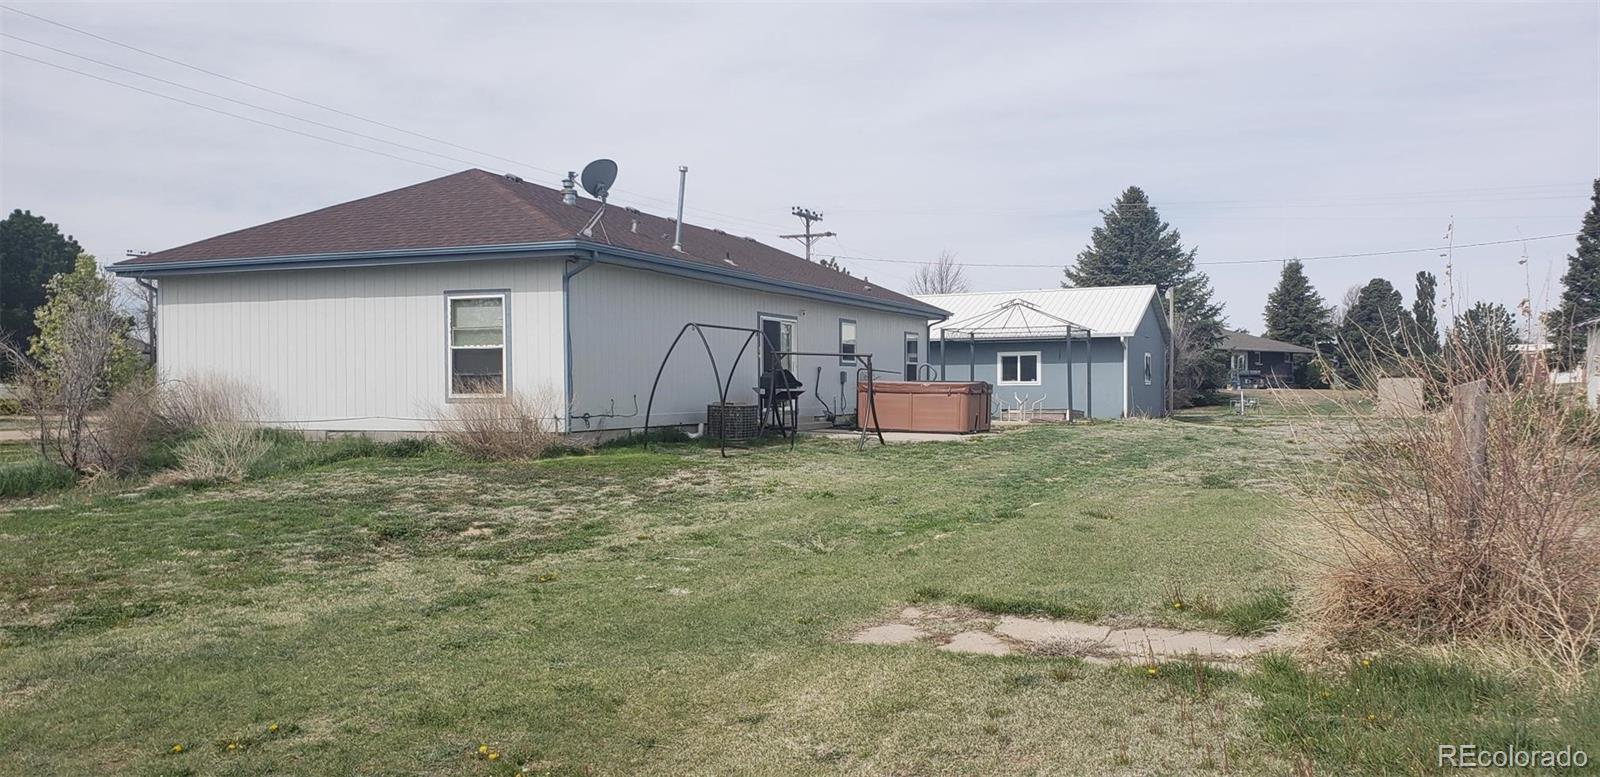 202 5th, Seibert, CO